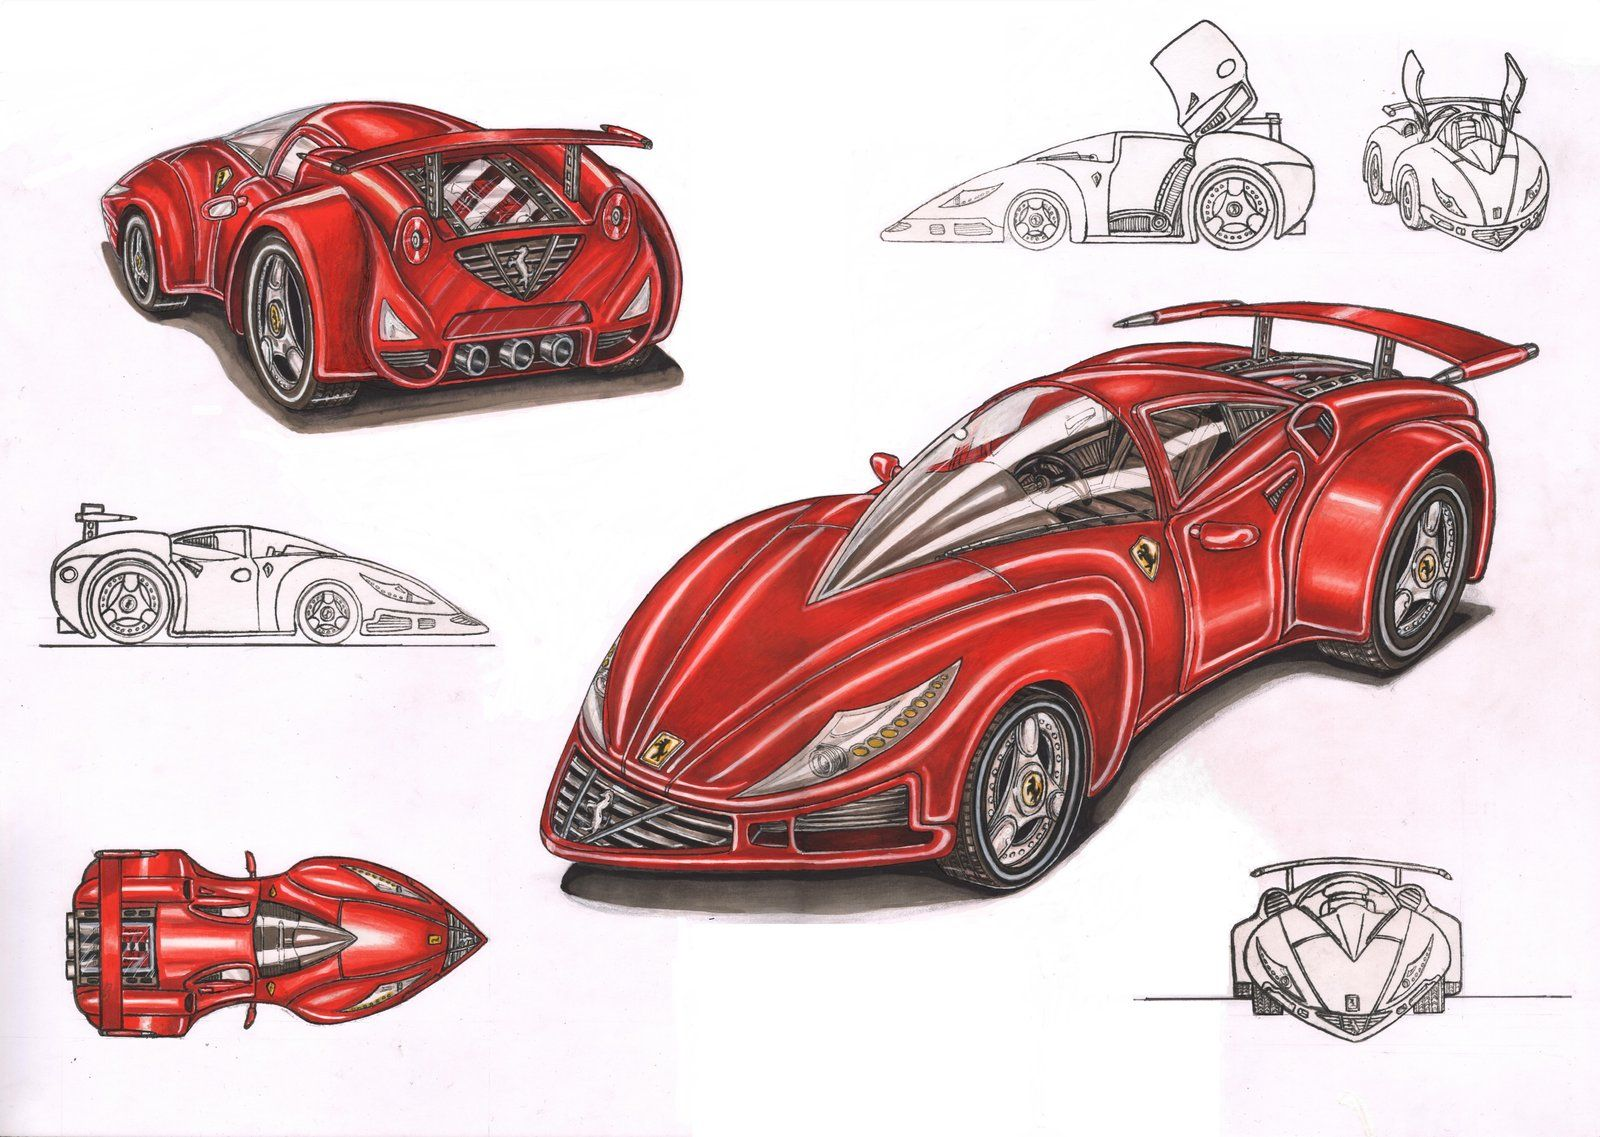 Ferrari Concept Car Design By Pen Tacular Artist